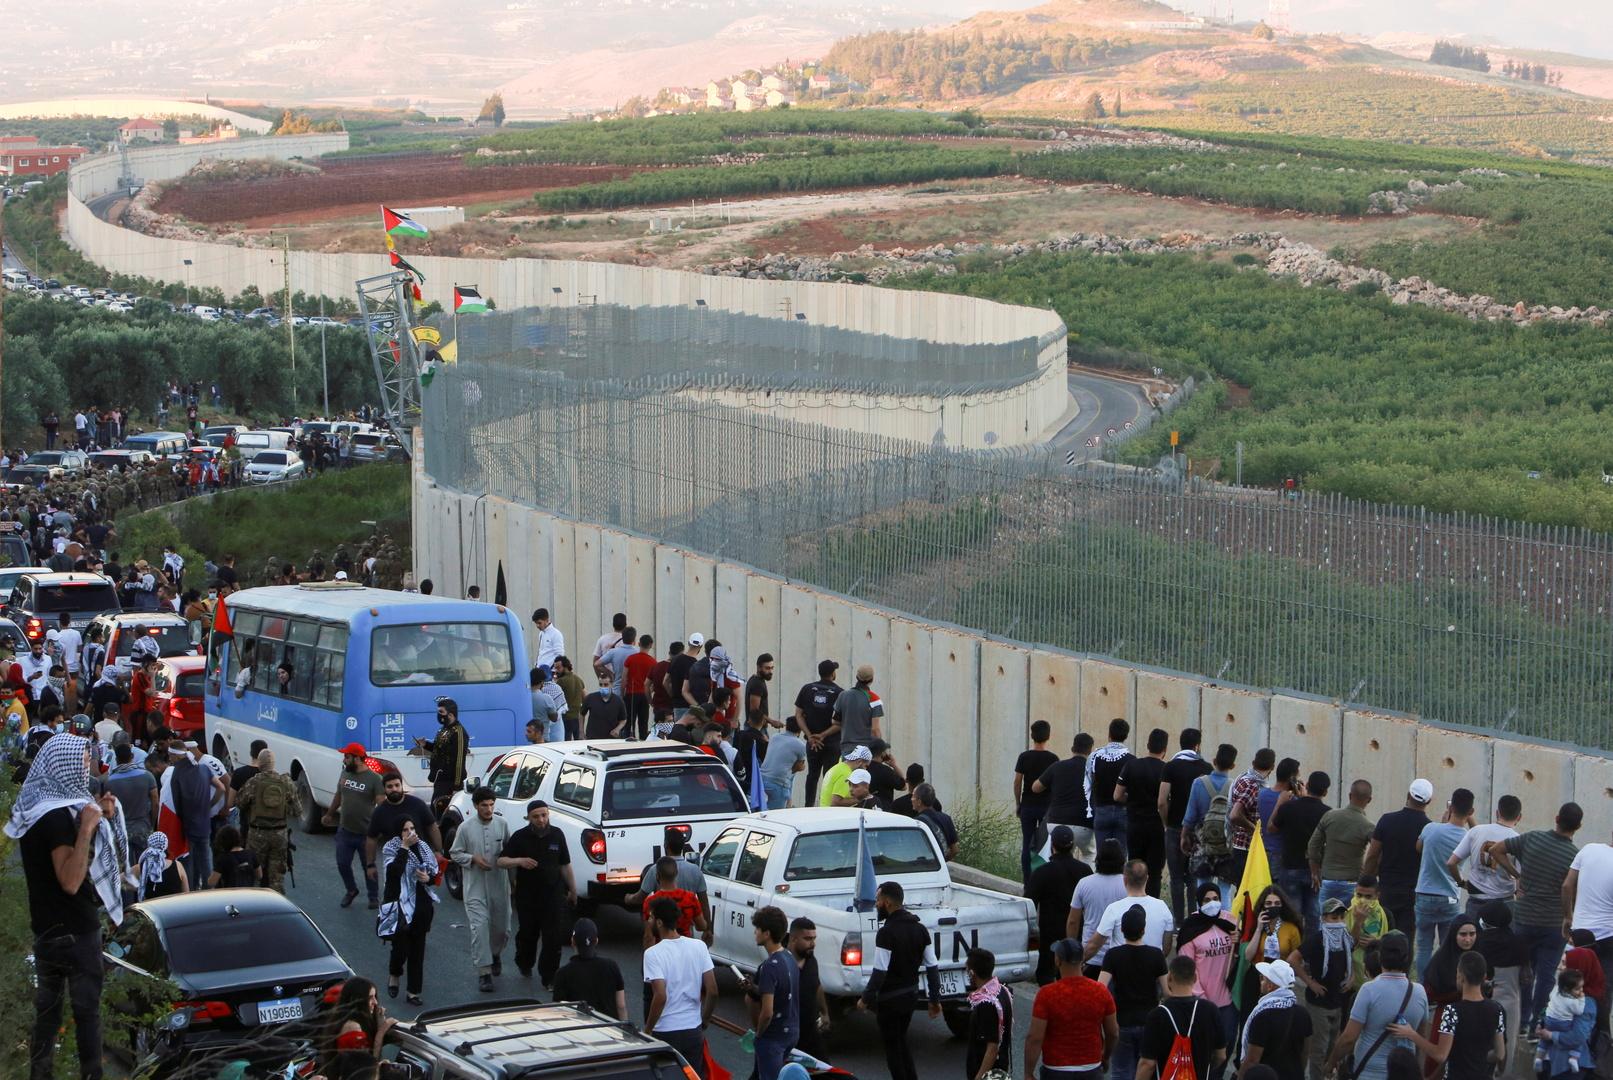 الجيش الإسرائيلي يلقي قنبلة دخانية على المتظاهرين عند حدود بلدة العديسة اللبنانية